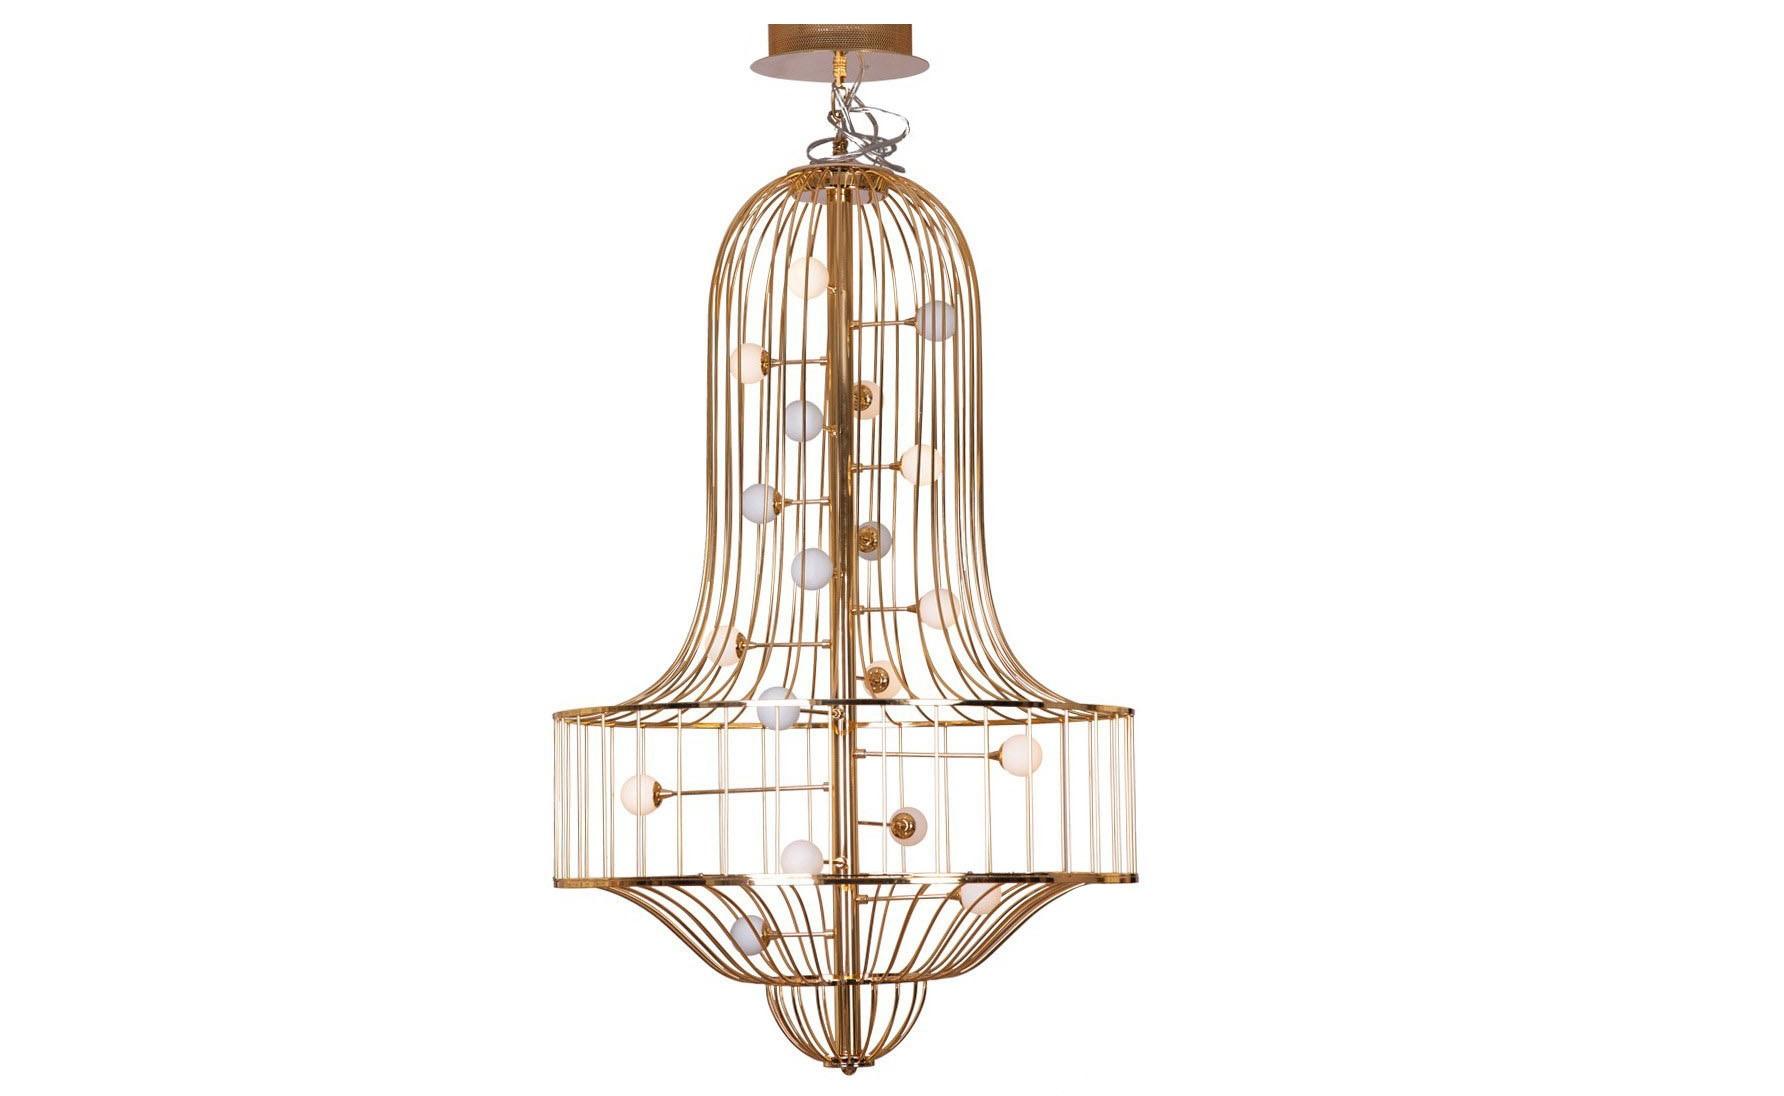 Потолочный светильник ЛуиджиПотолочные светильники<br>Подвесной светильник Луиджи вызывает удивление и восторг с первого взгляда. Роскошная люстра выполнена из металла и стекла, и это сочетание материалов делает ее современной и очень стильной. Внешний облик подвеса и его эффектное свечение наполняет интерьер волшебной и уютной атмосферой. Излучаемый свет, подобно музыке, очаровывает и успокаивает. А форма подвеса вызывает в воображении подобие музыкального ритма с его гармоничной завершенностью.<br><br>Оцените преображение Вашего интерьера с появлением необычного стильного света. Дизайнерская люстра имеет интересный облик и наверняка будет по достоинству оценена любителями современного освещения. Грациозное творение не только приковывает к себе взгляды, но и удивляет своей функциональностью.&amp;lt;div&amp;gt;&amp;lt;br&amp;gt;&amp;lt;/div&amp;gt;&amp;lt;div&amp;gt;Вид цоколя: G4&amp;lt;div&amp;gt;Мощность лампы: 20W&amp;lt;/div&amp;gt;&amp;lt;div&amp;gt;Количество ламп: 19&amp;lt;/div&amp;gt;&amp;lt;/div&amp;gt;<br><br>Material: Металл<br>Width см: None<br>Depth см: None<br>Height см: 135<br>Diameter см: 70